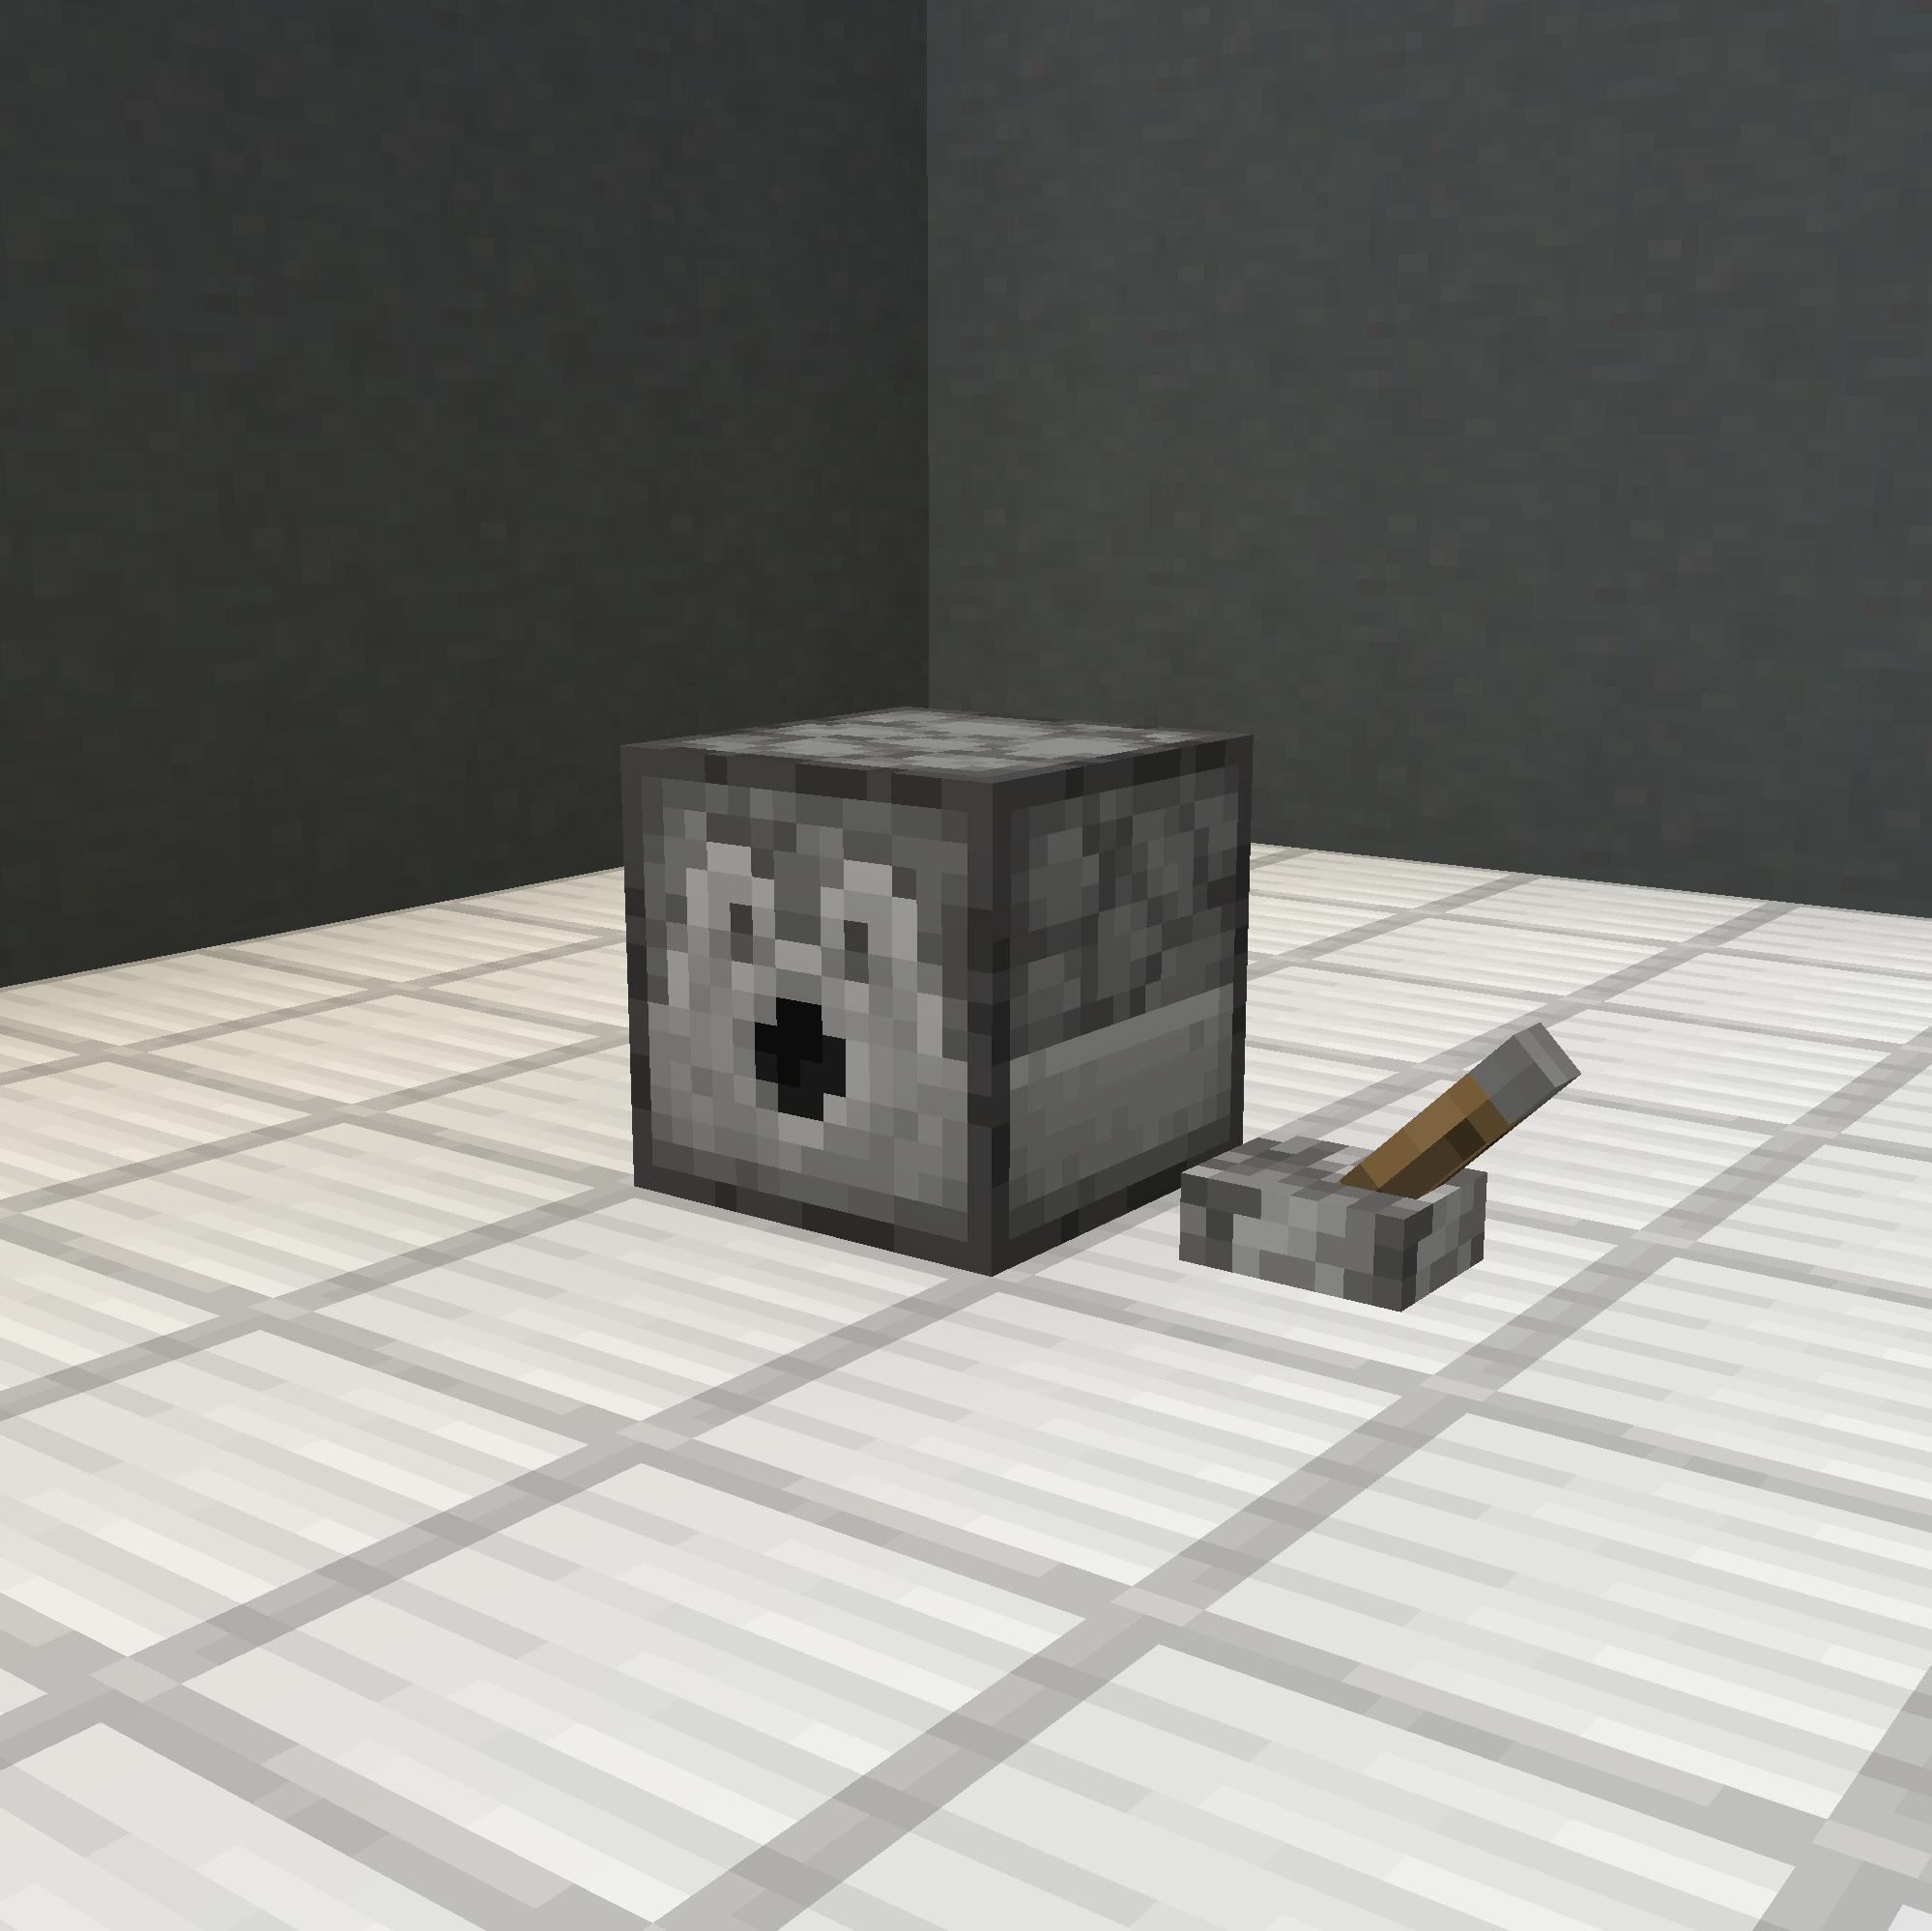 Block Placer Powering